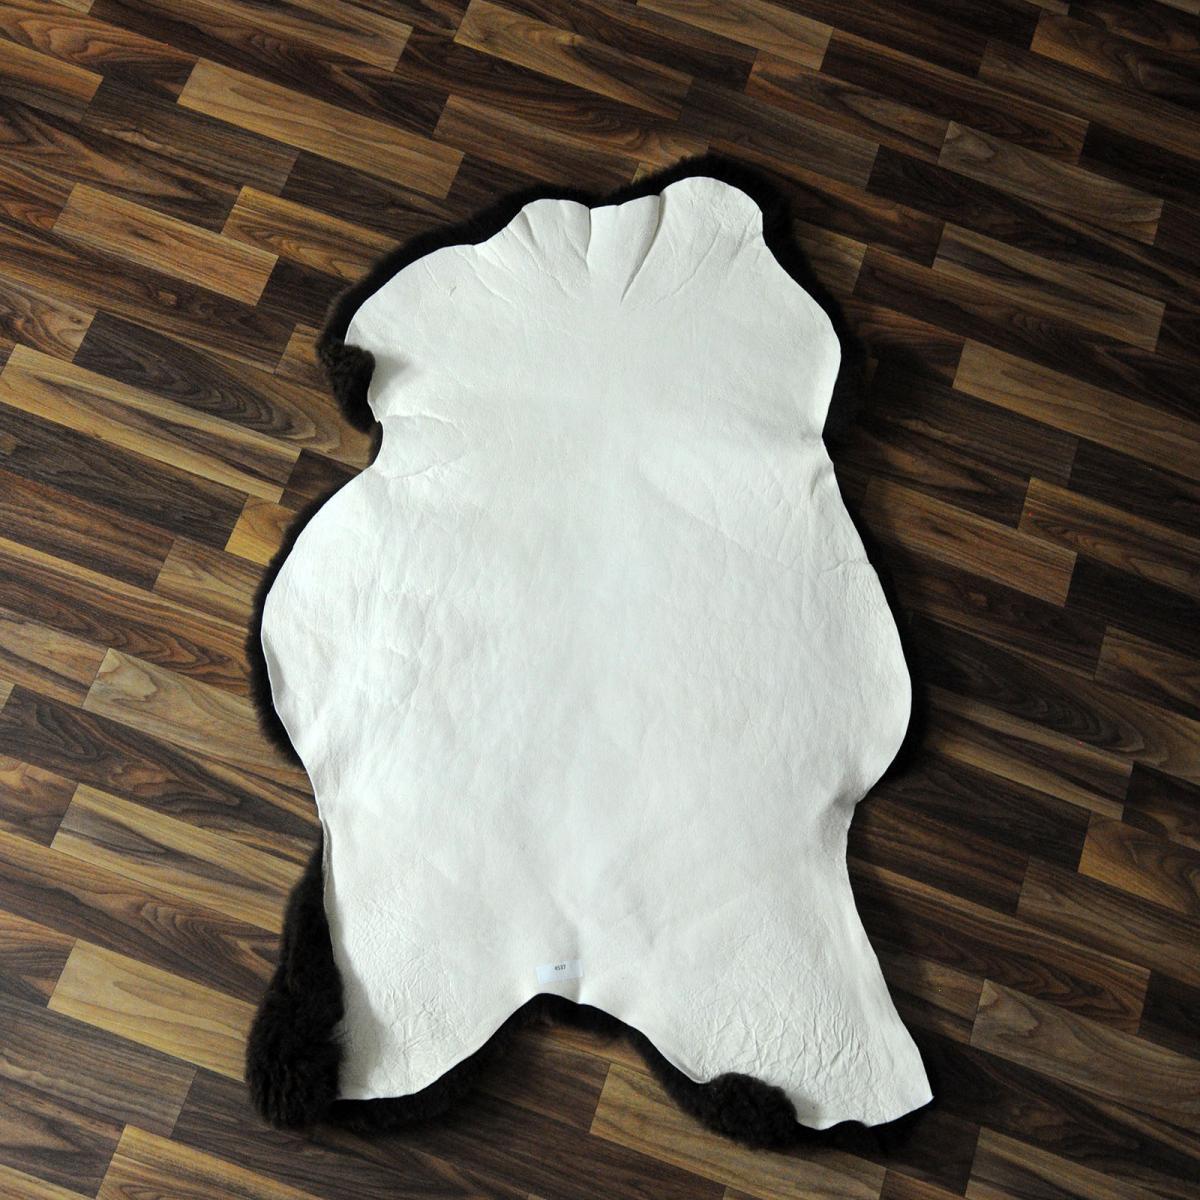 xxl ko schaffell fell creme wei 125x80 fellteppich 4537 4537. Black Bedroom Furniture Sets. Home Design Ideas